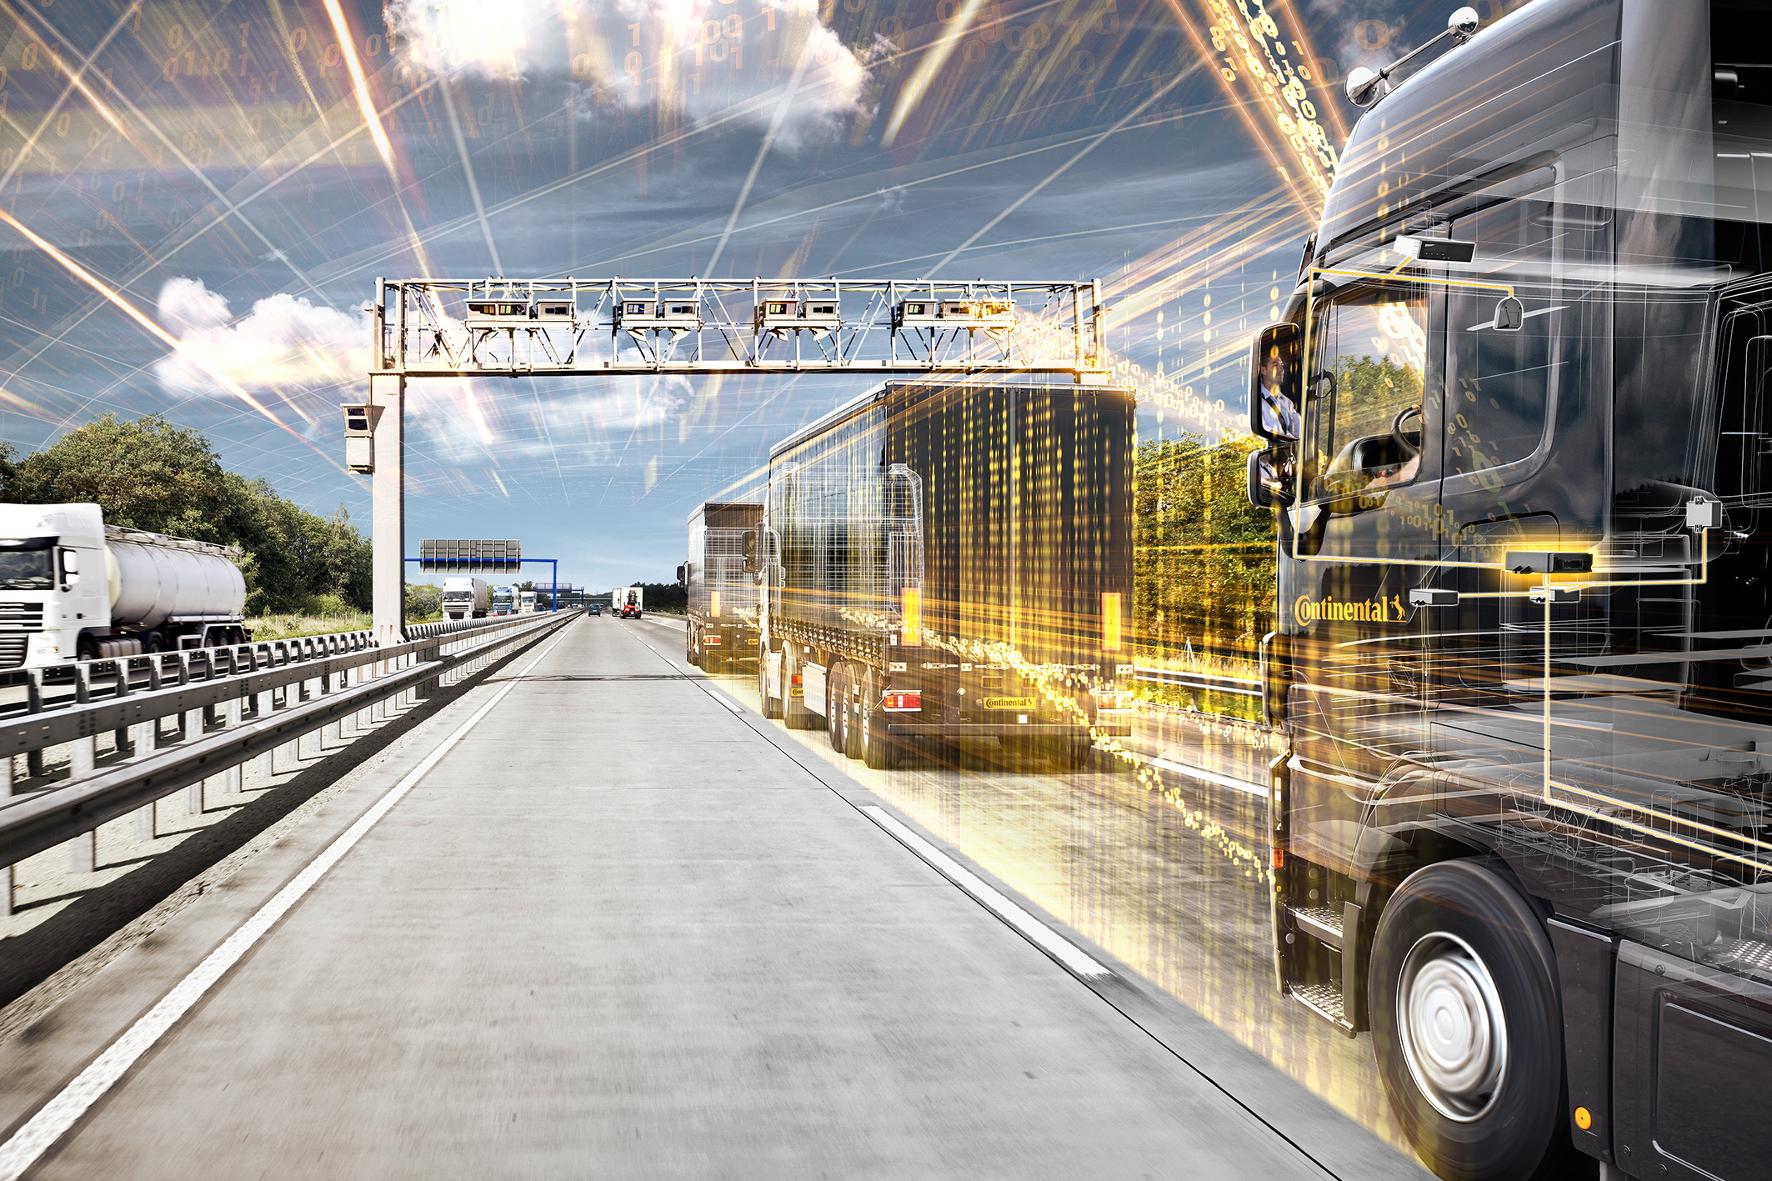 mid Groß-Gerau - Der Lkw-Verkehr der Zukunft: Die Lastzüge könnten schon bald dicht an dicht im Konvoi fahren und dadurch Sprit sparen.